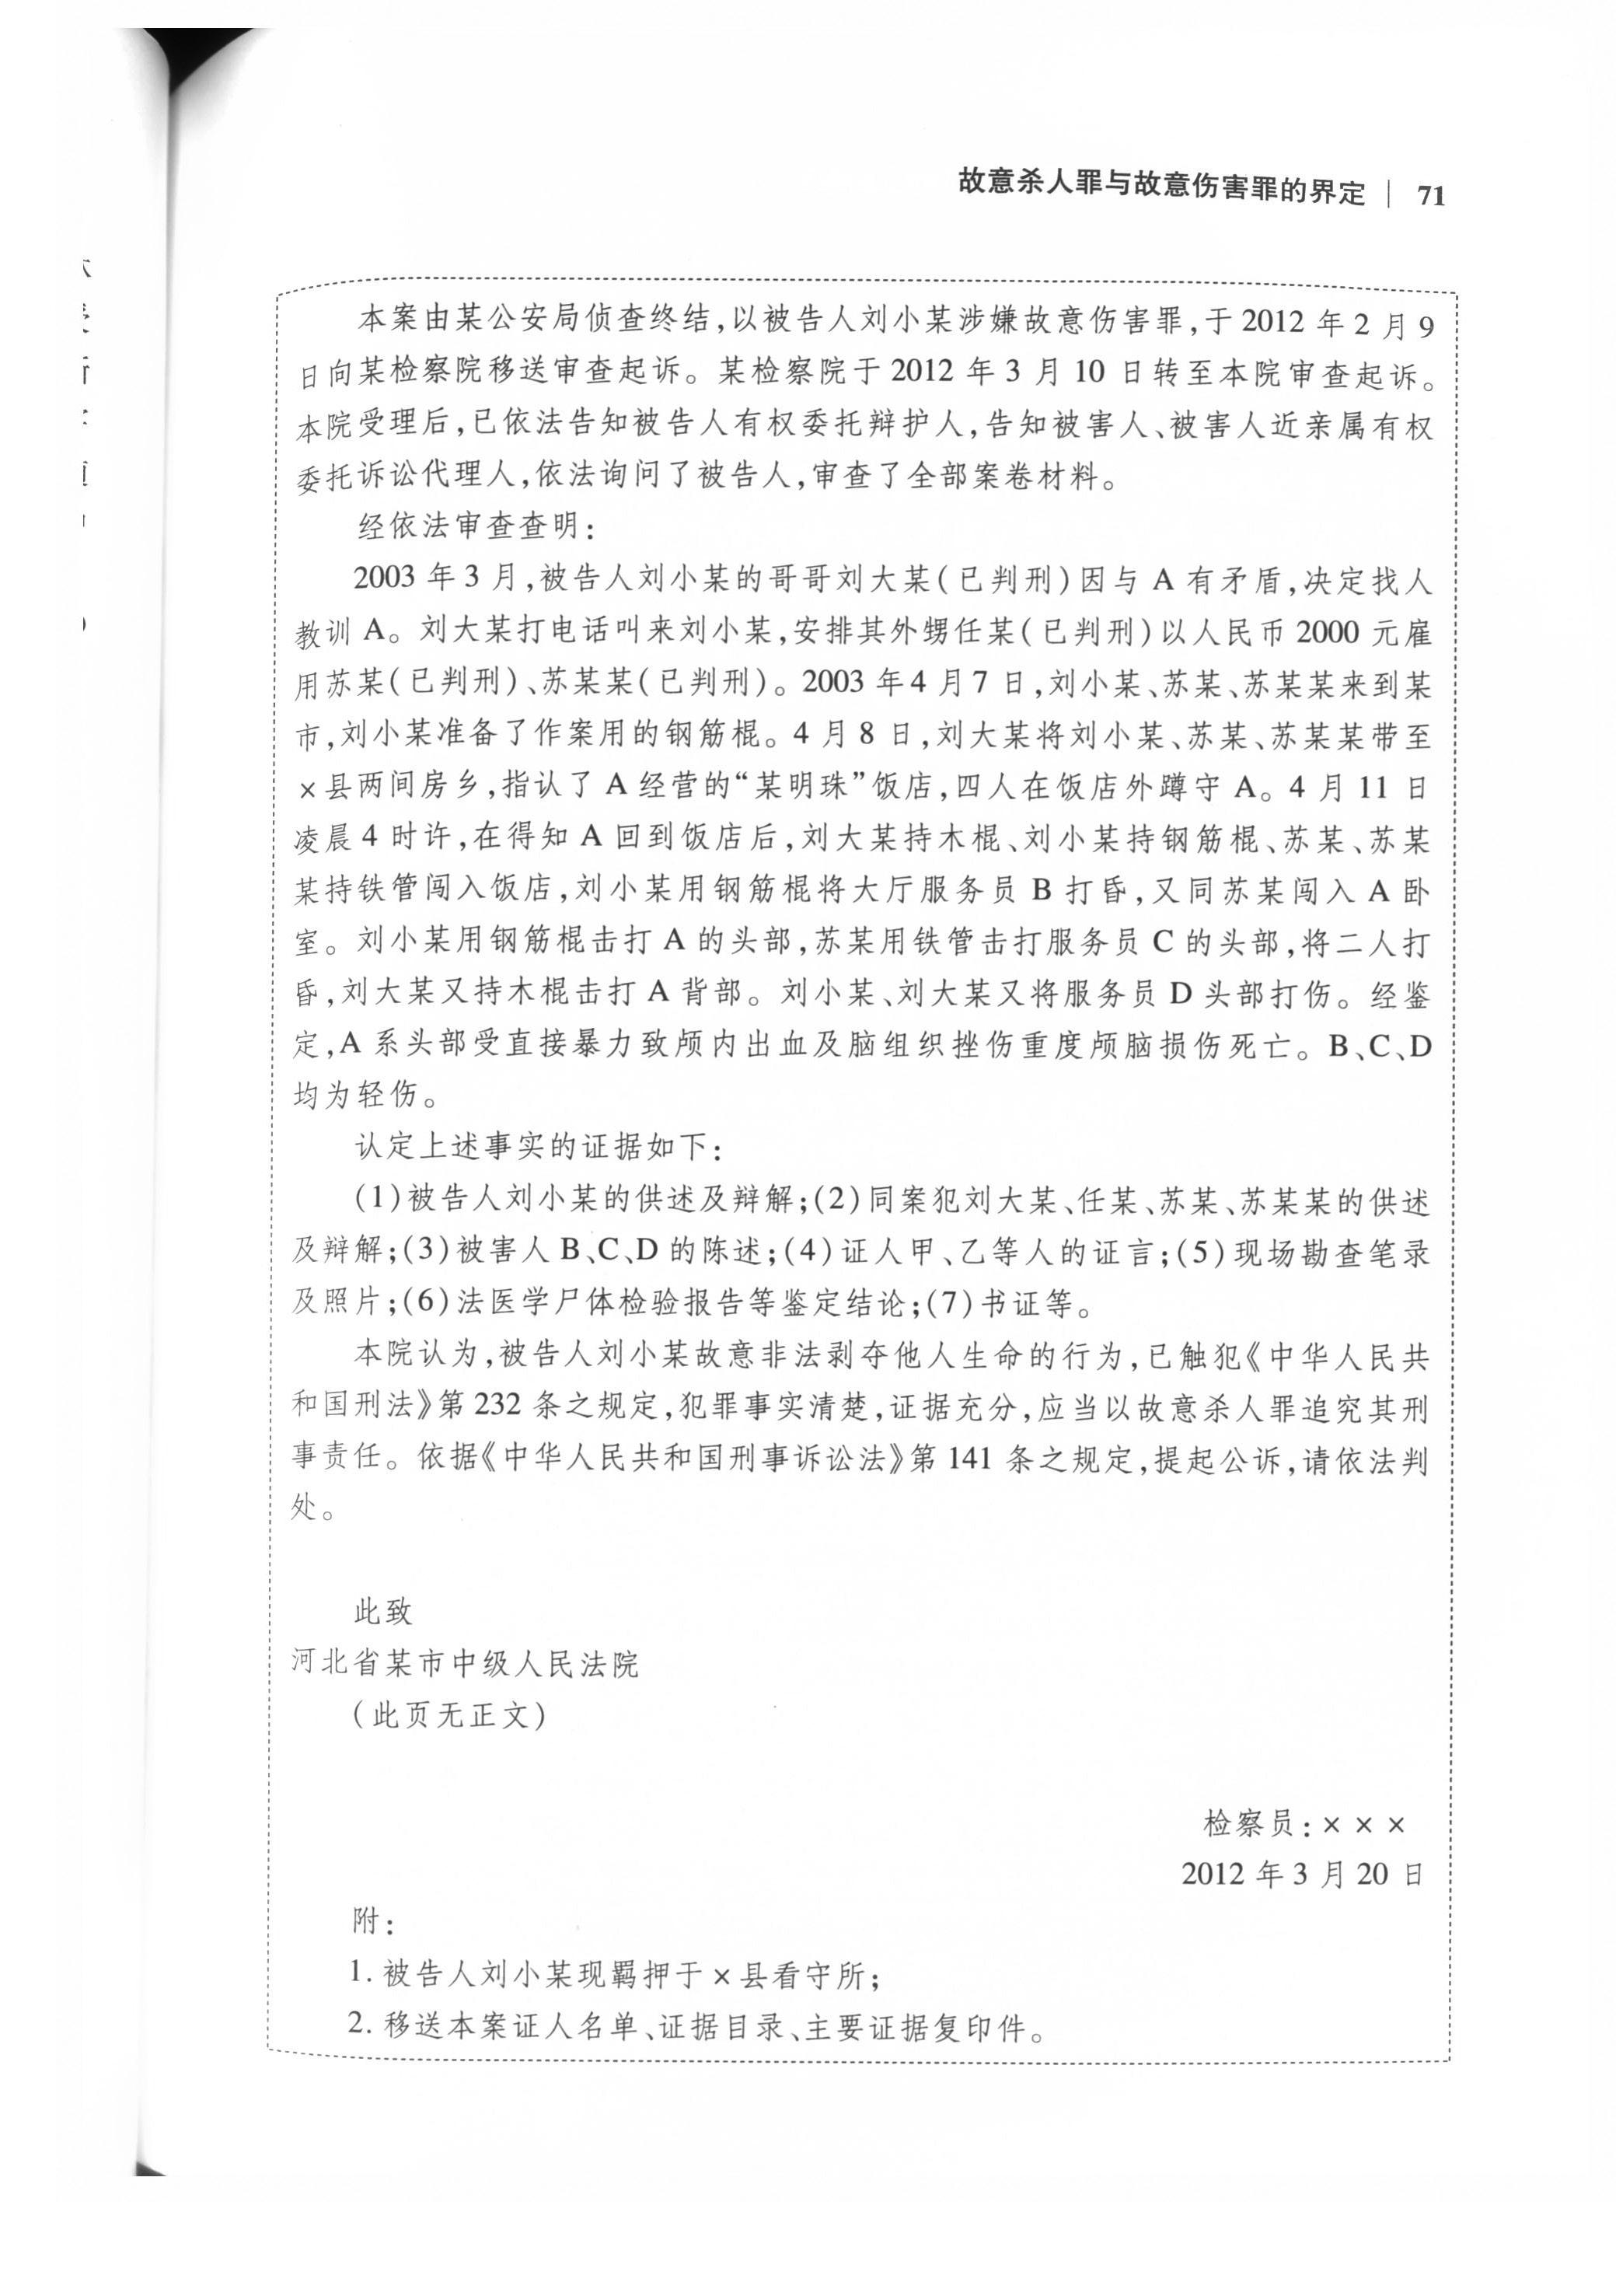 刘小某故意杀人案成功改判(图4)